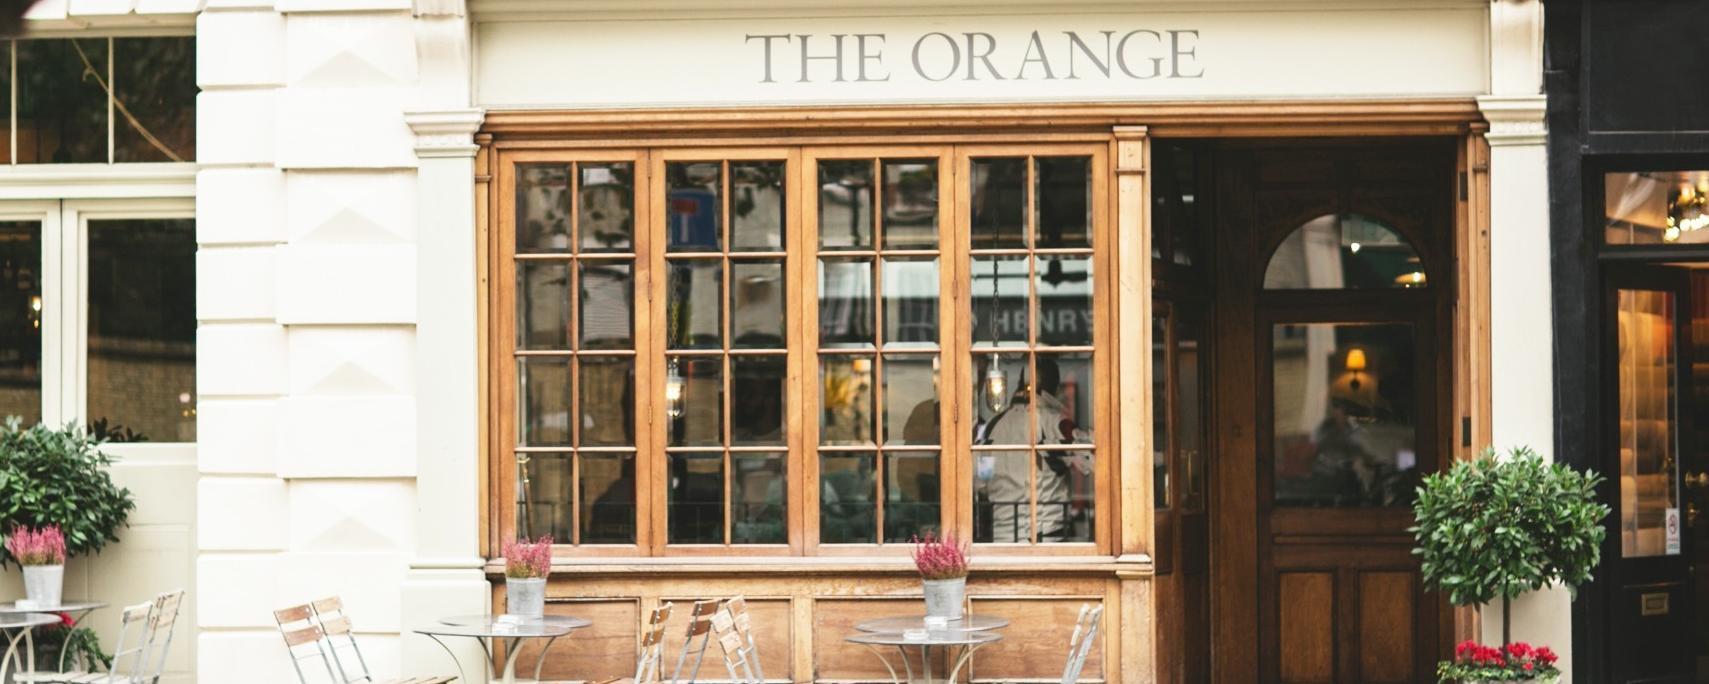 The Orange Brand Cover